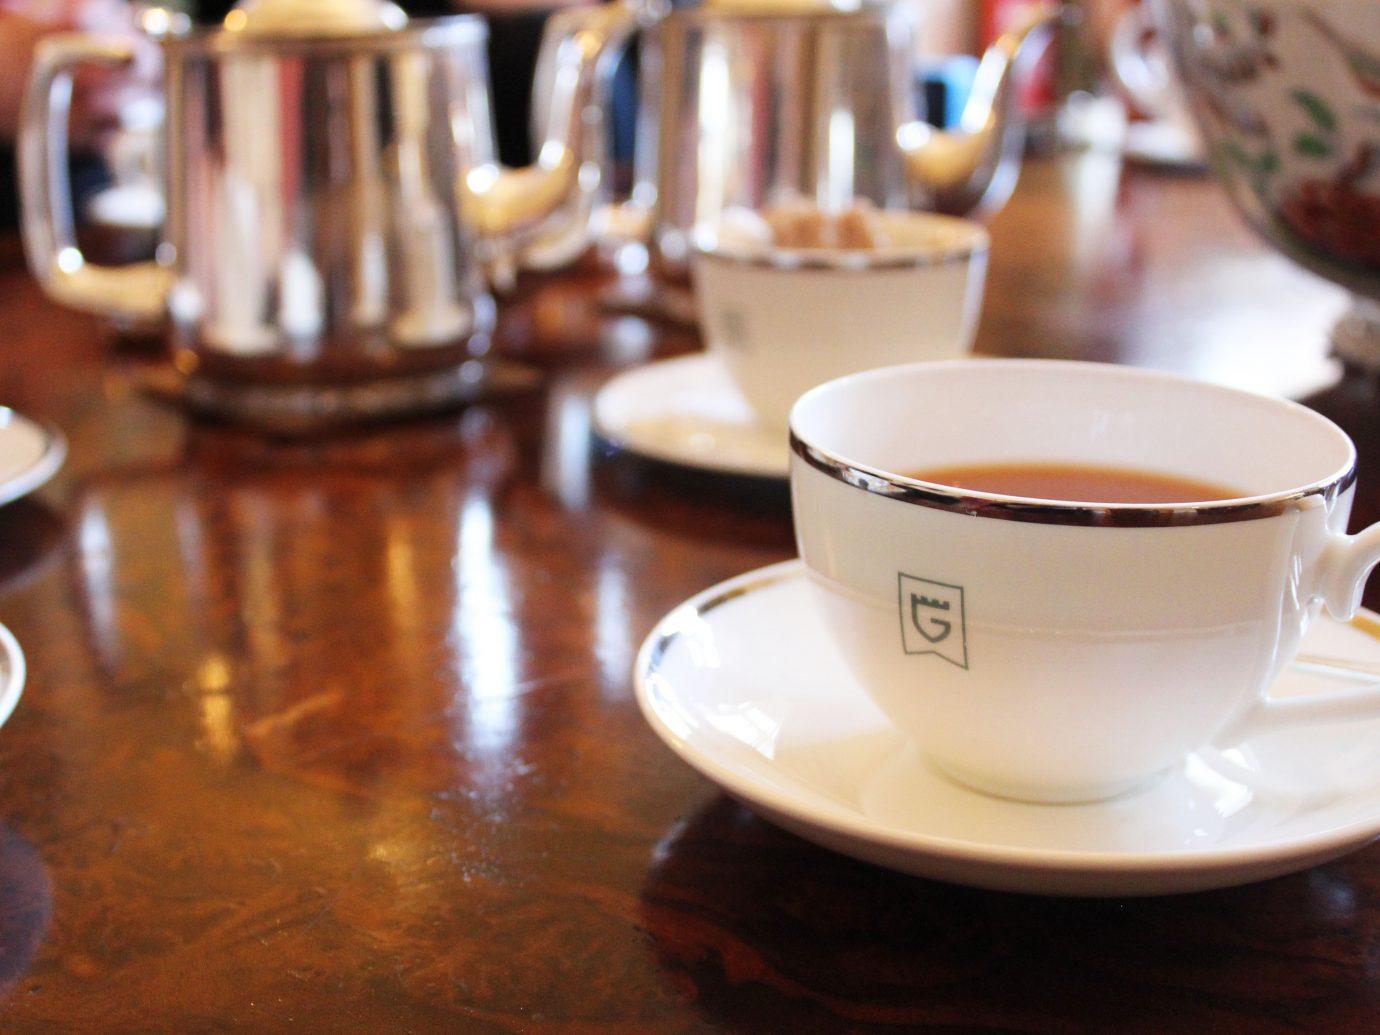 High tea at Glenapp Castle